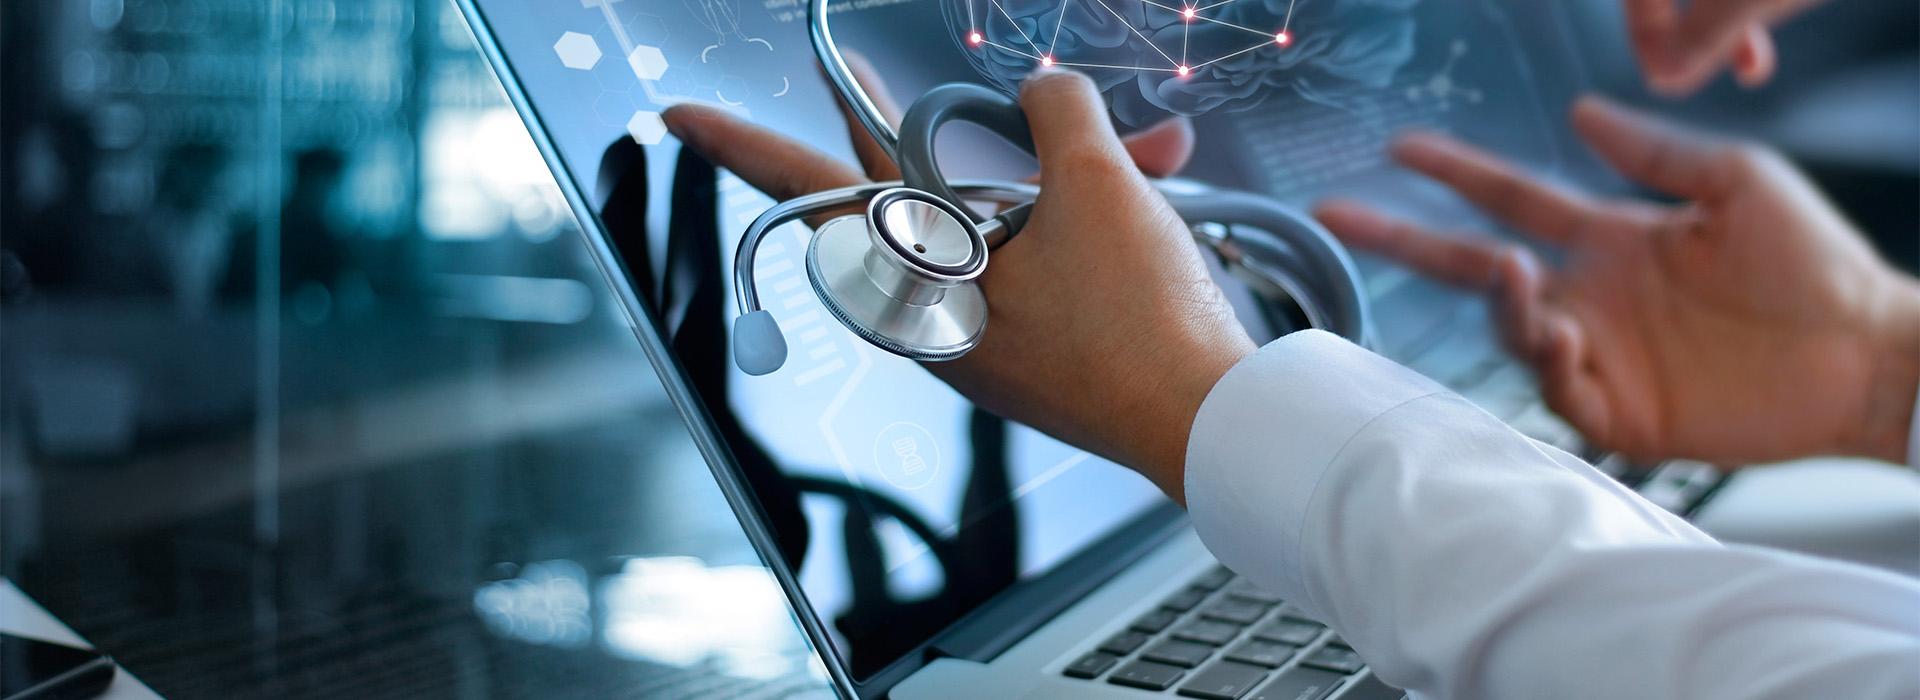 Digitalisierung in der Gesundheitsbranche